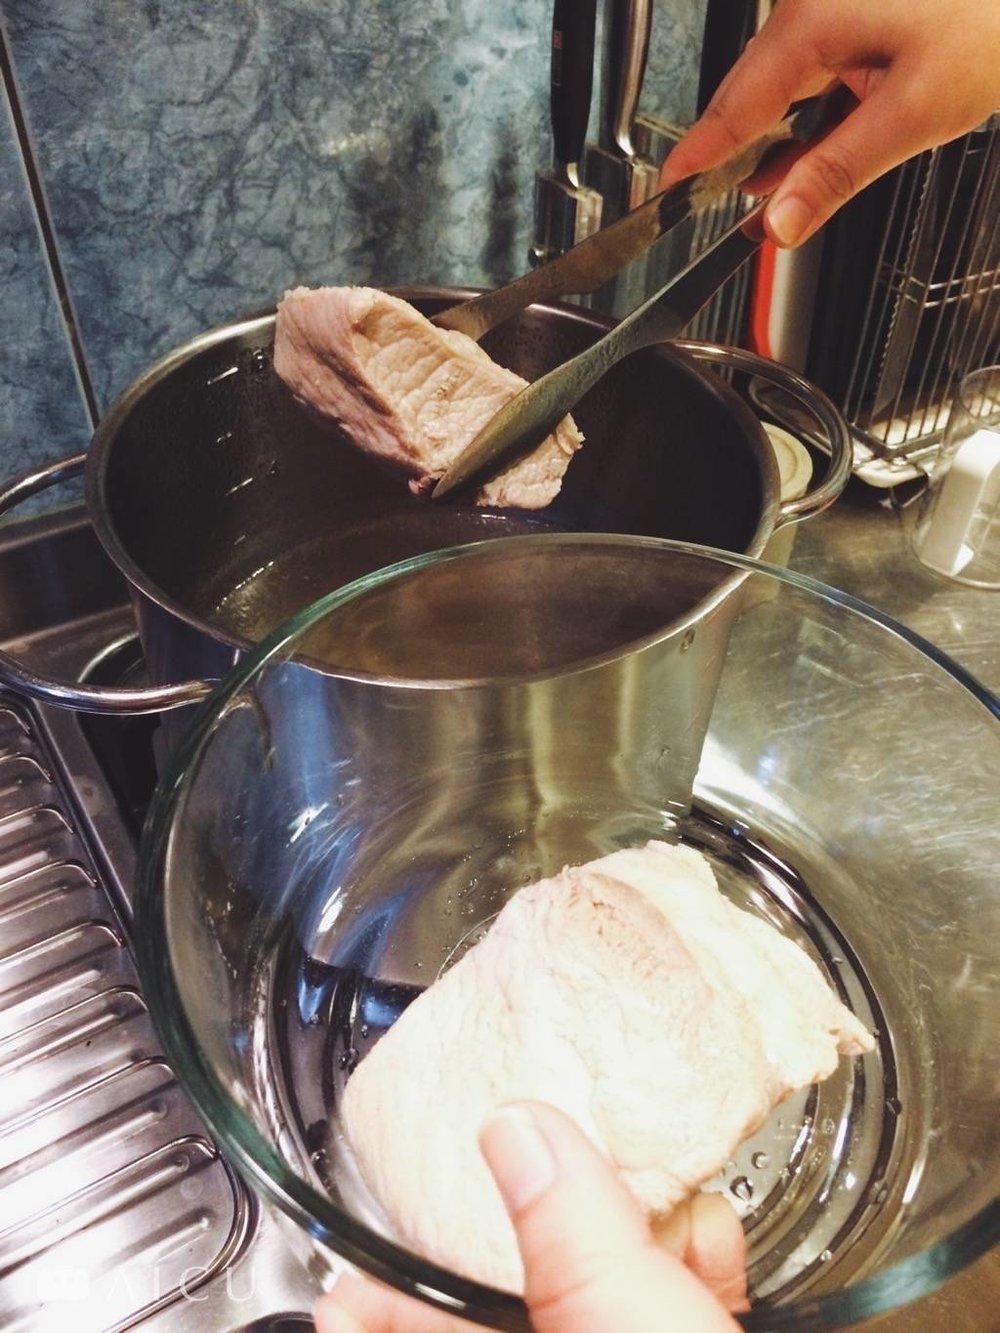 將整塊肉和高湯裝起